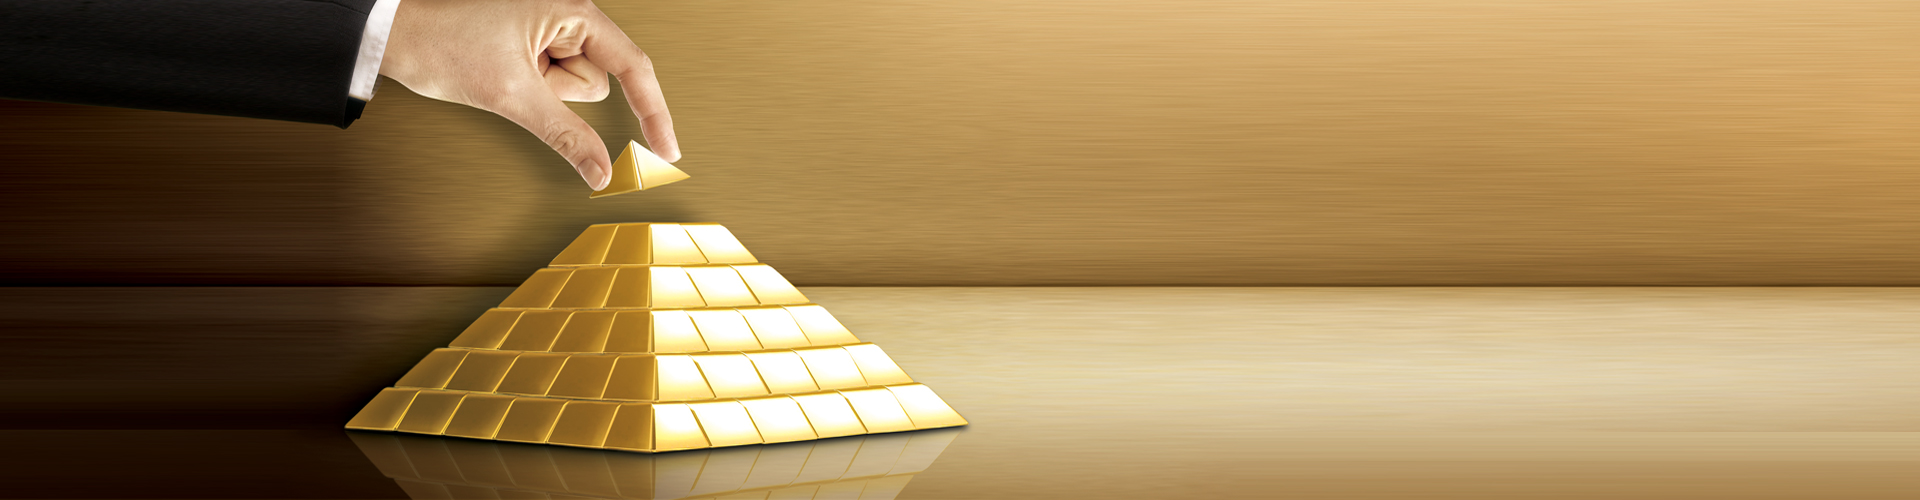 金融,商业,投资,金子背景,金字塔,商务背景